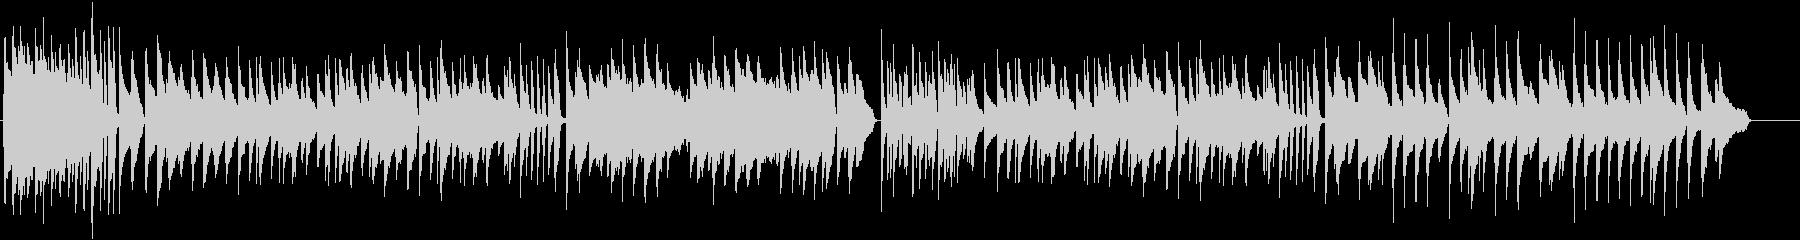 ラジオ体操風 ピアノ曲 ハイクオリティーの未再生の波形